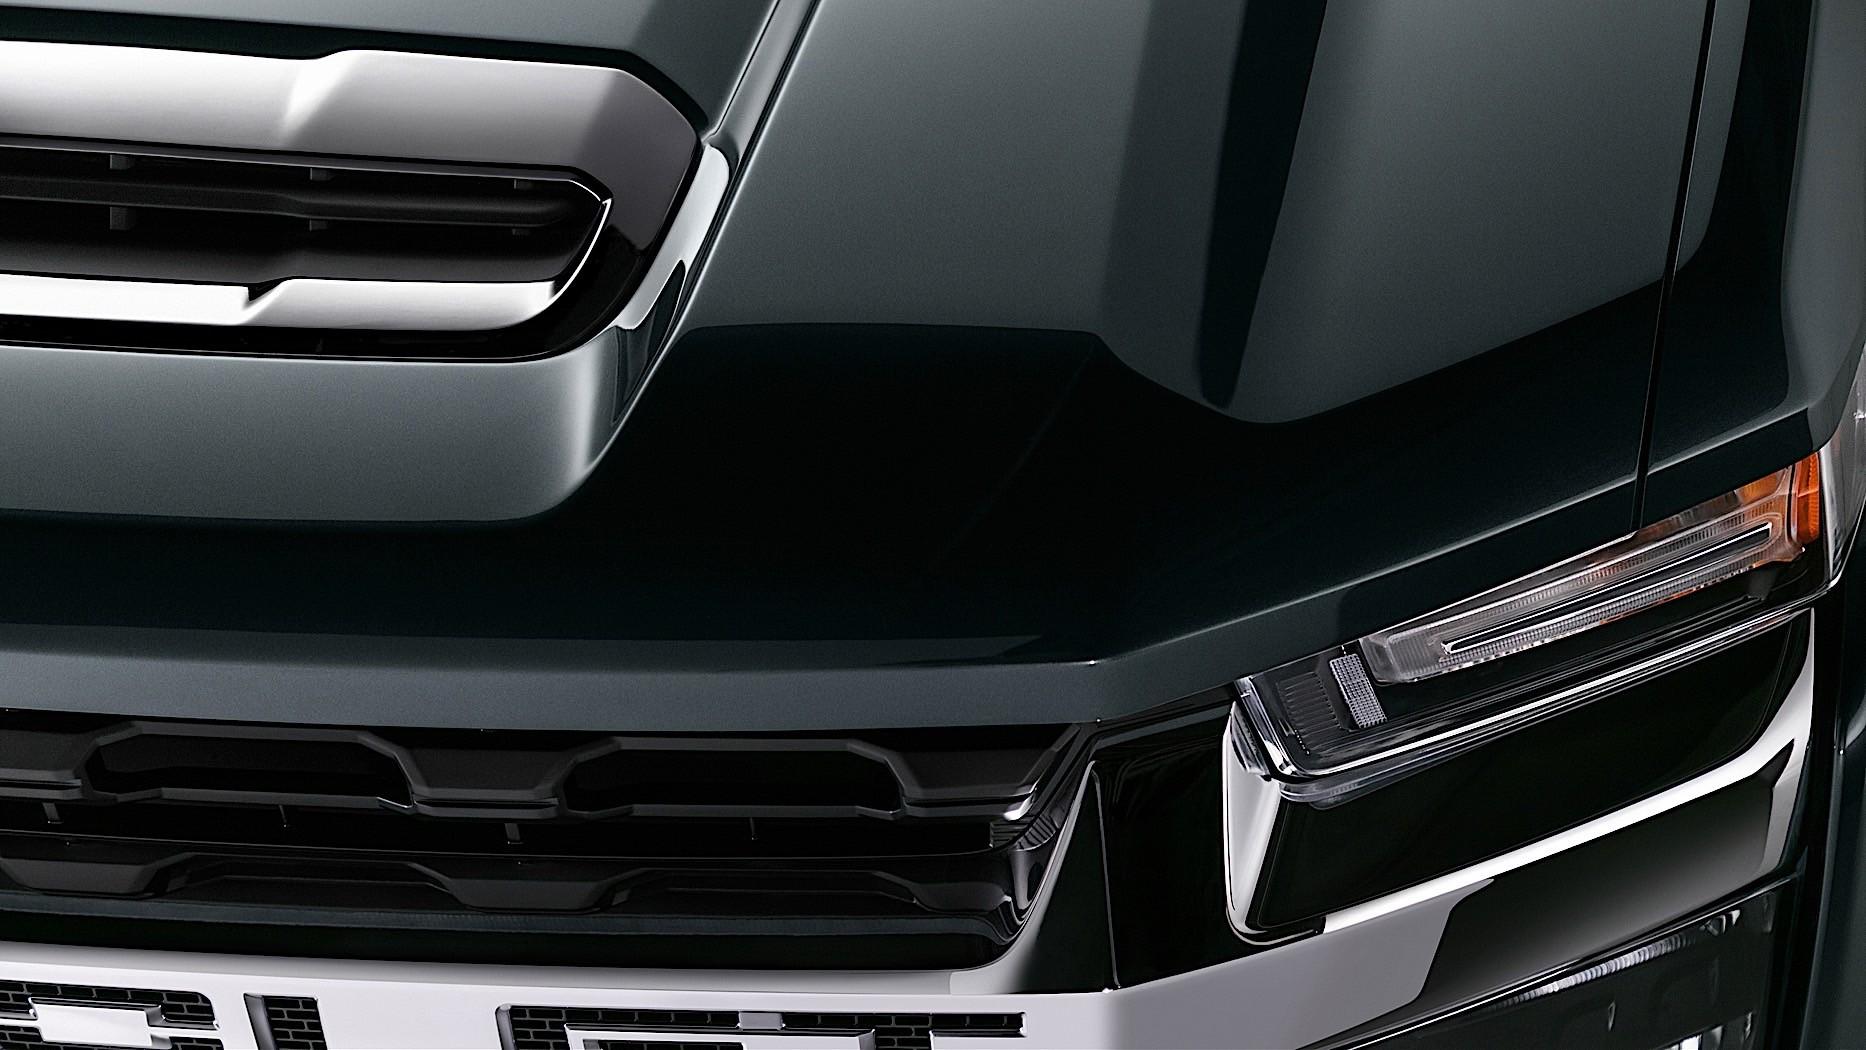 Chevrolet Silverado HD 2019 (7)